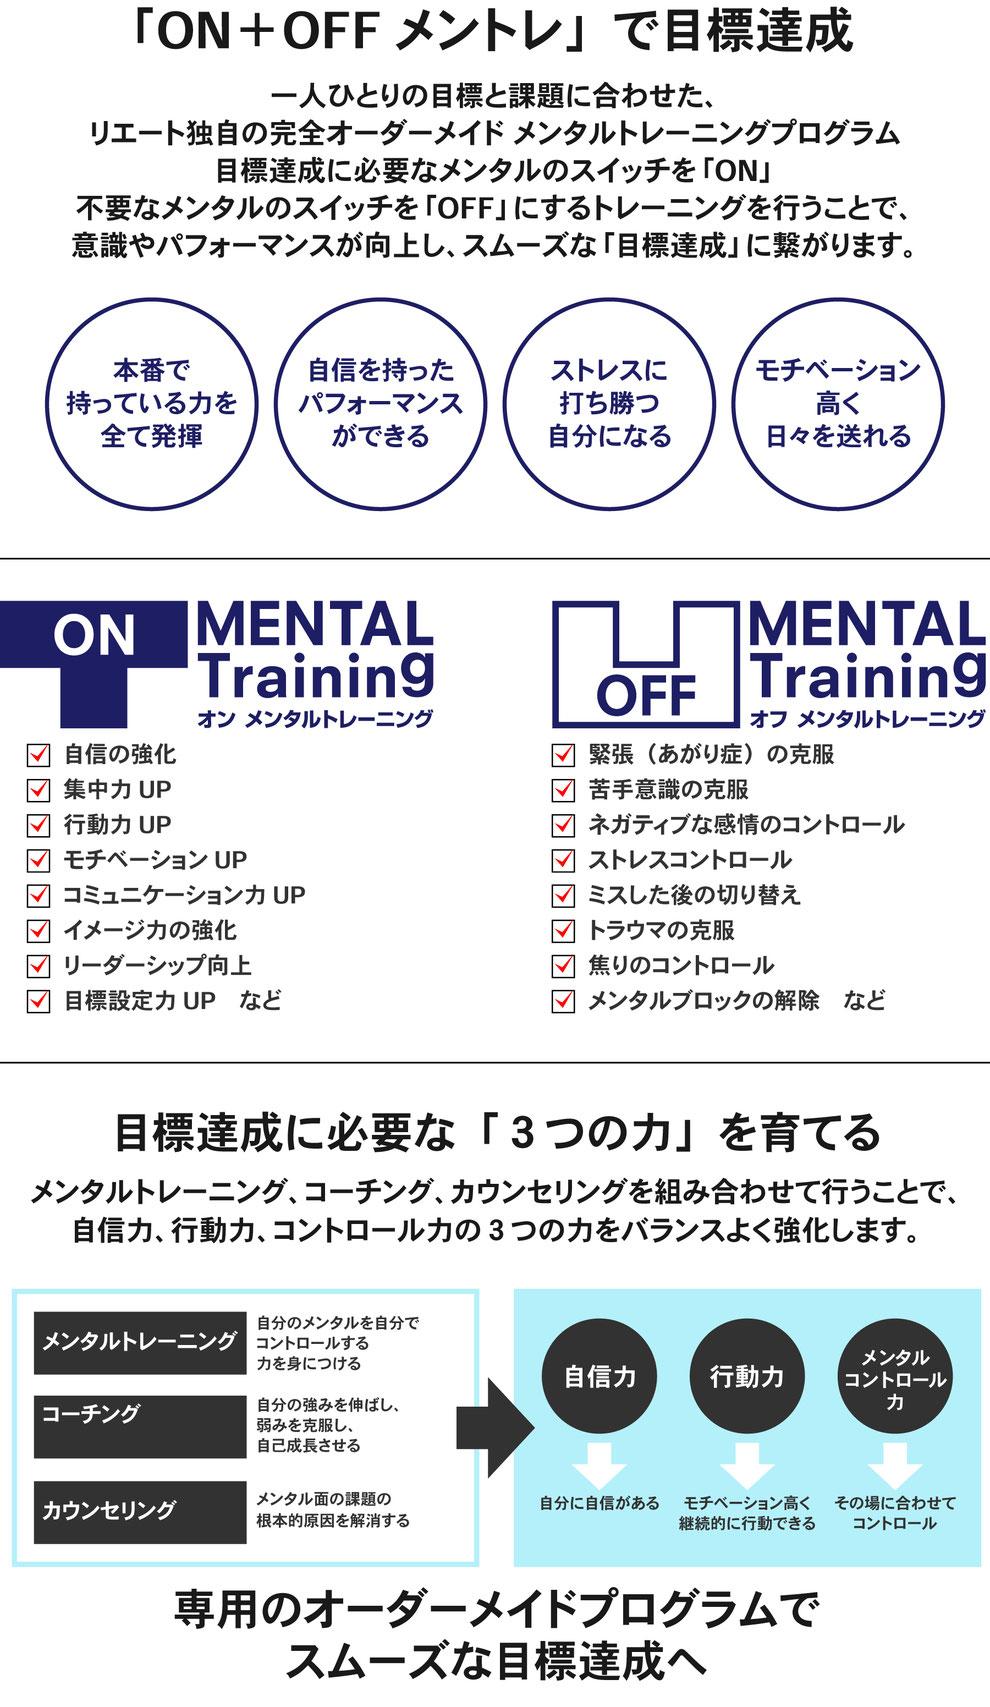 メンタルトレーニング、目標達成、緊張、自信、夢を叶える、モチベーション、コーチング、集中力、イメージトレーニング